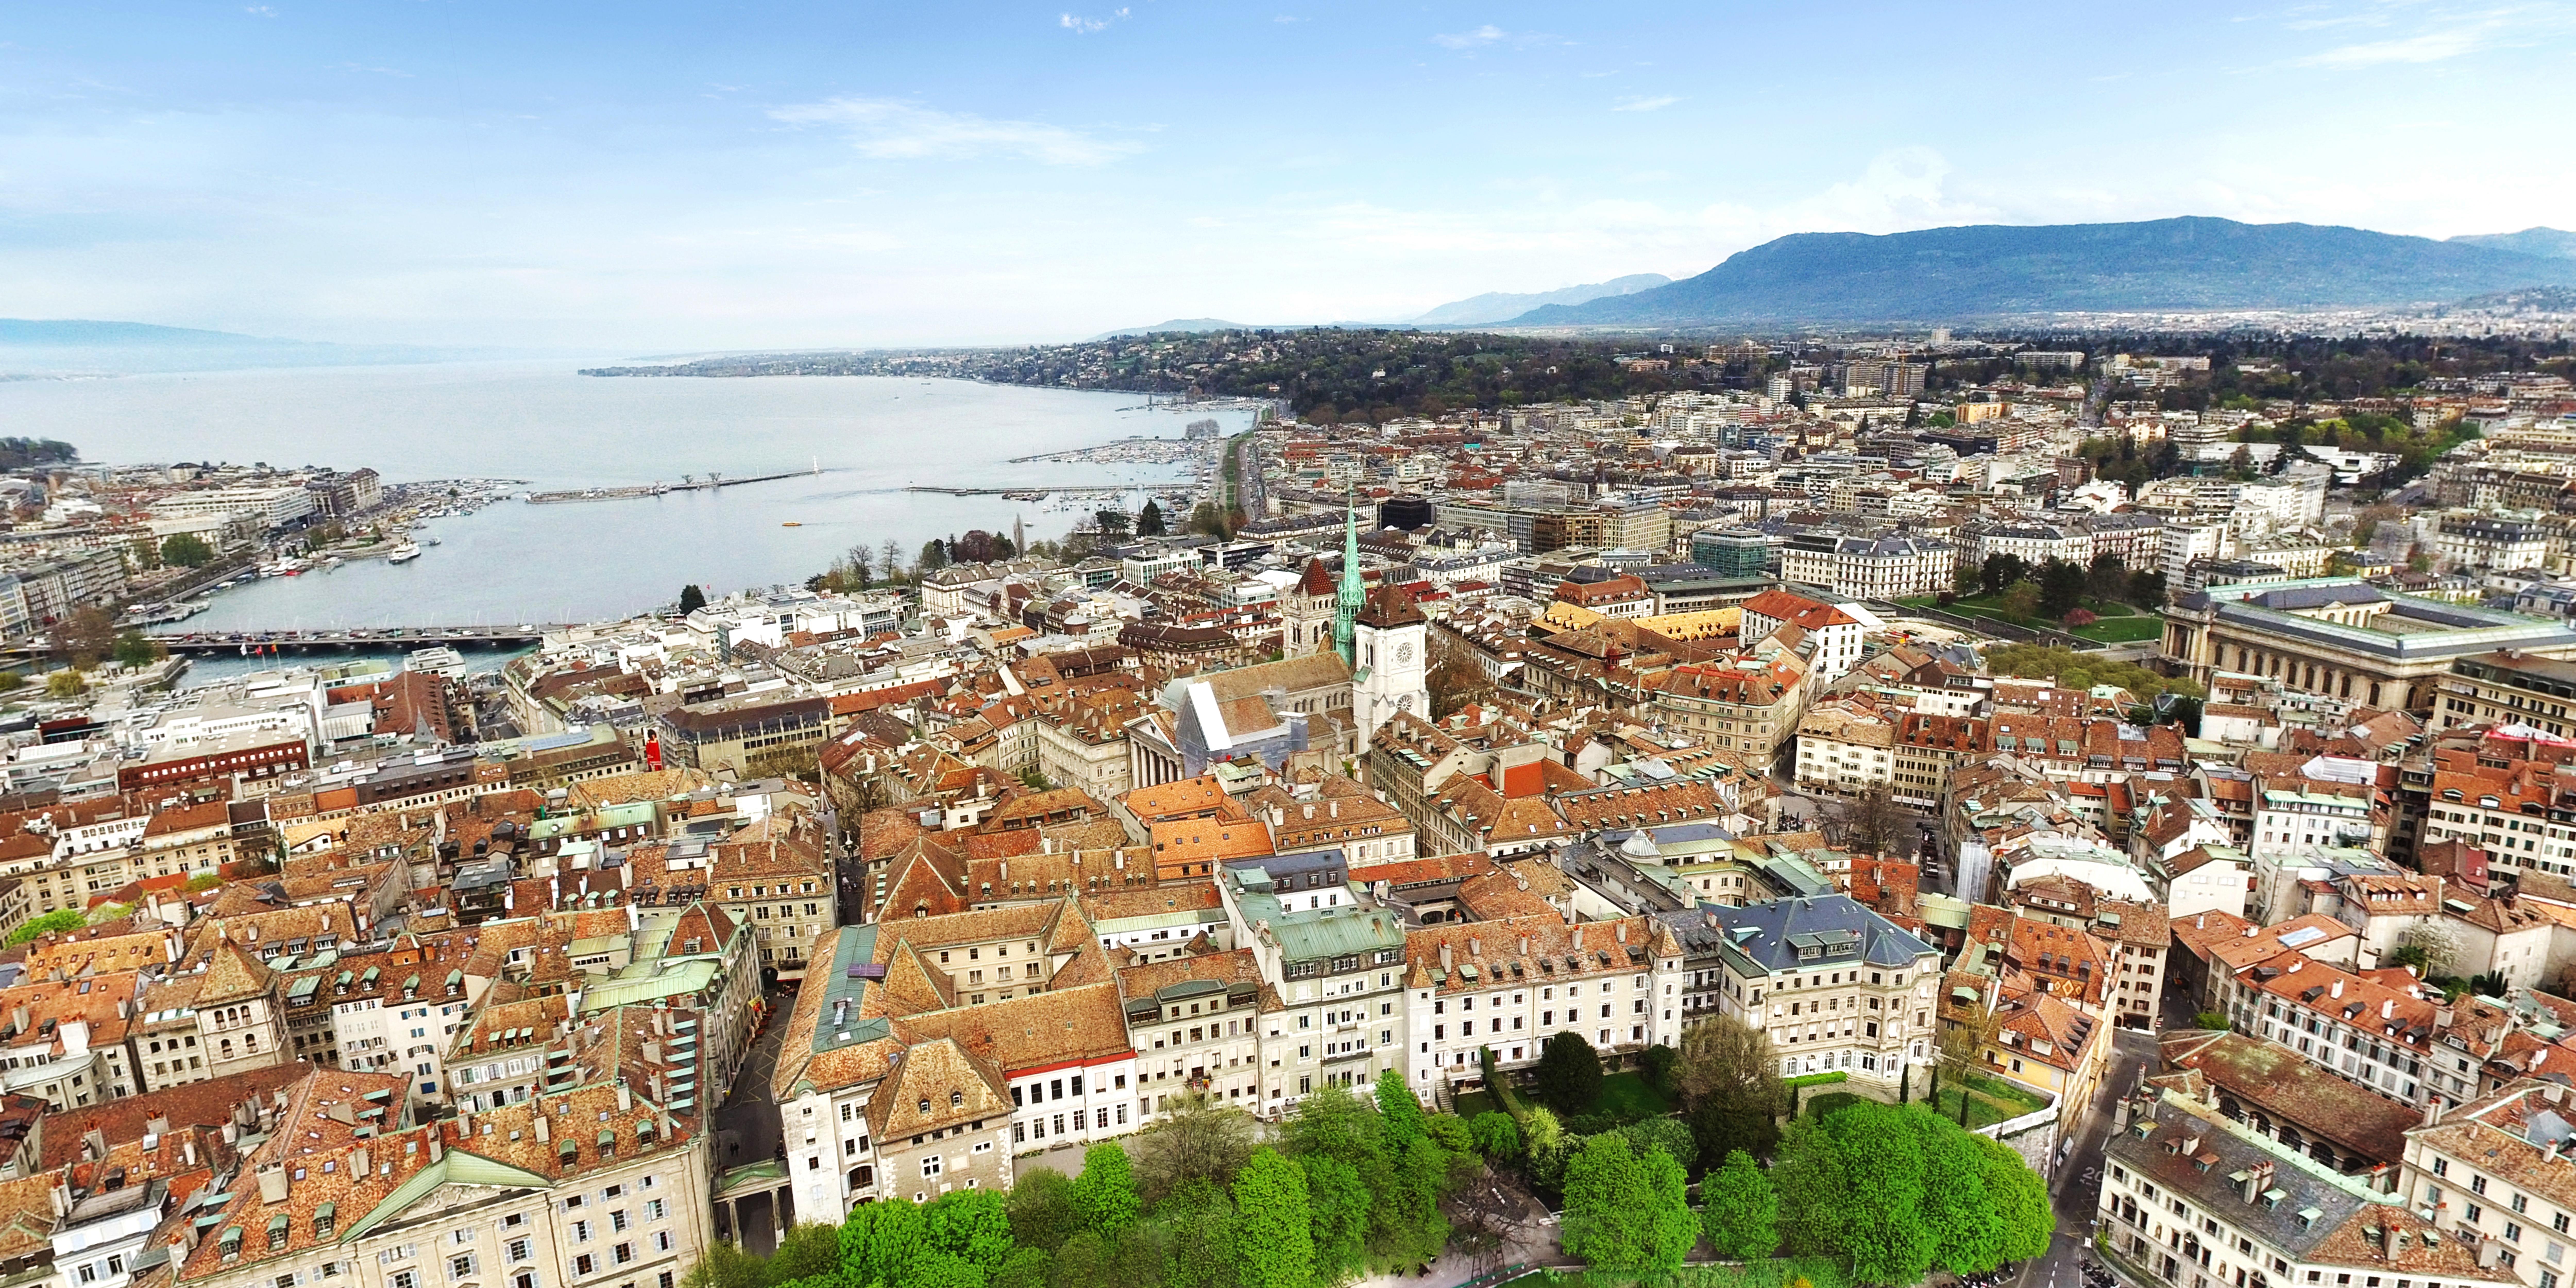 Vista aérea de Genebra